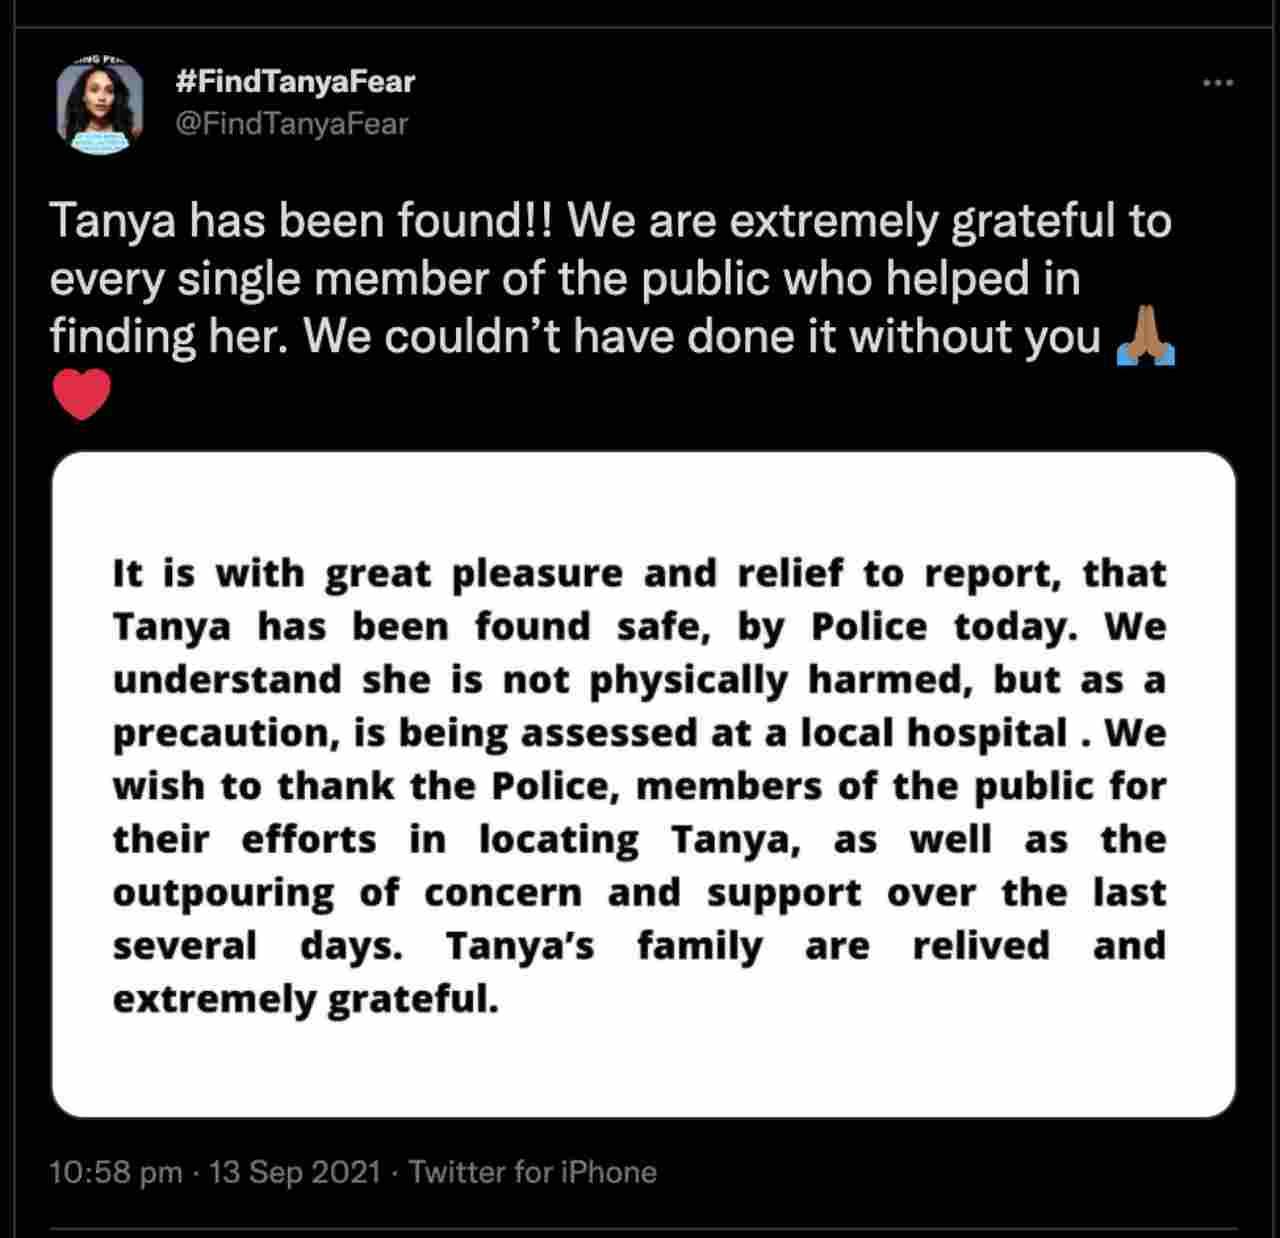 Uno dei messaggi che annunciano il ritrovamento di Tanya Fear, l'attrice Netflix scomparsa (fonte: Twitter).